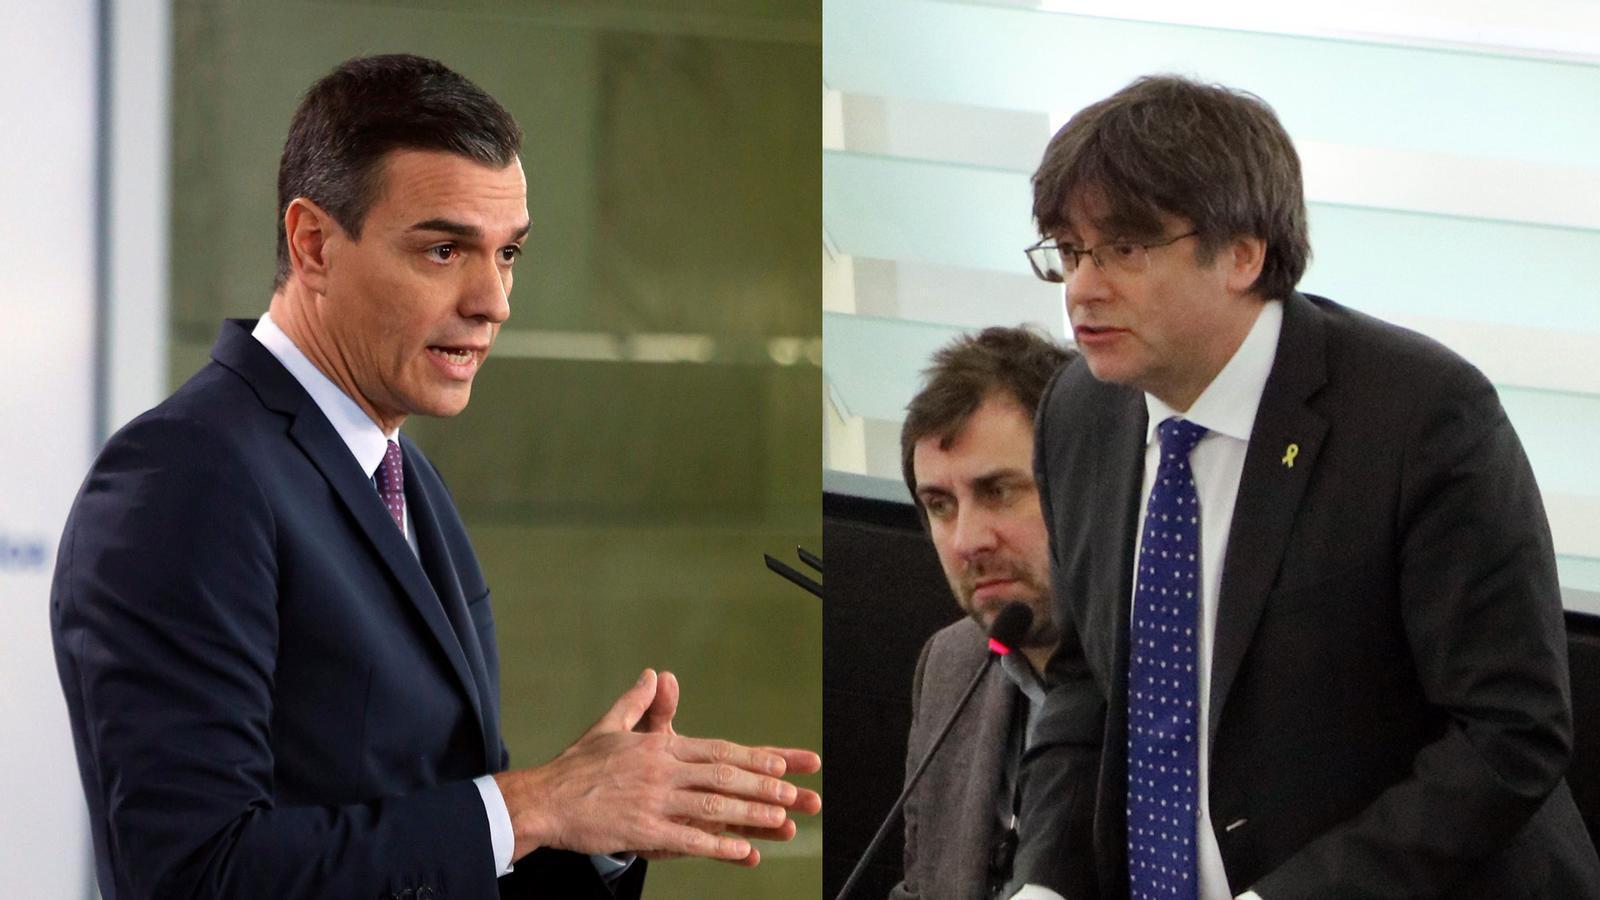 L'anàlisi d'Antoni Bassas: 'Han de sentir Puigdemont a Europa i seure amb Torra a Espanya'